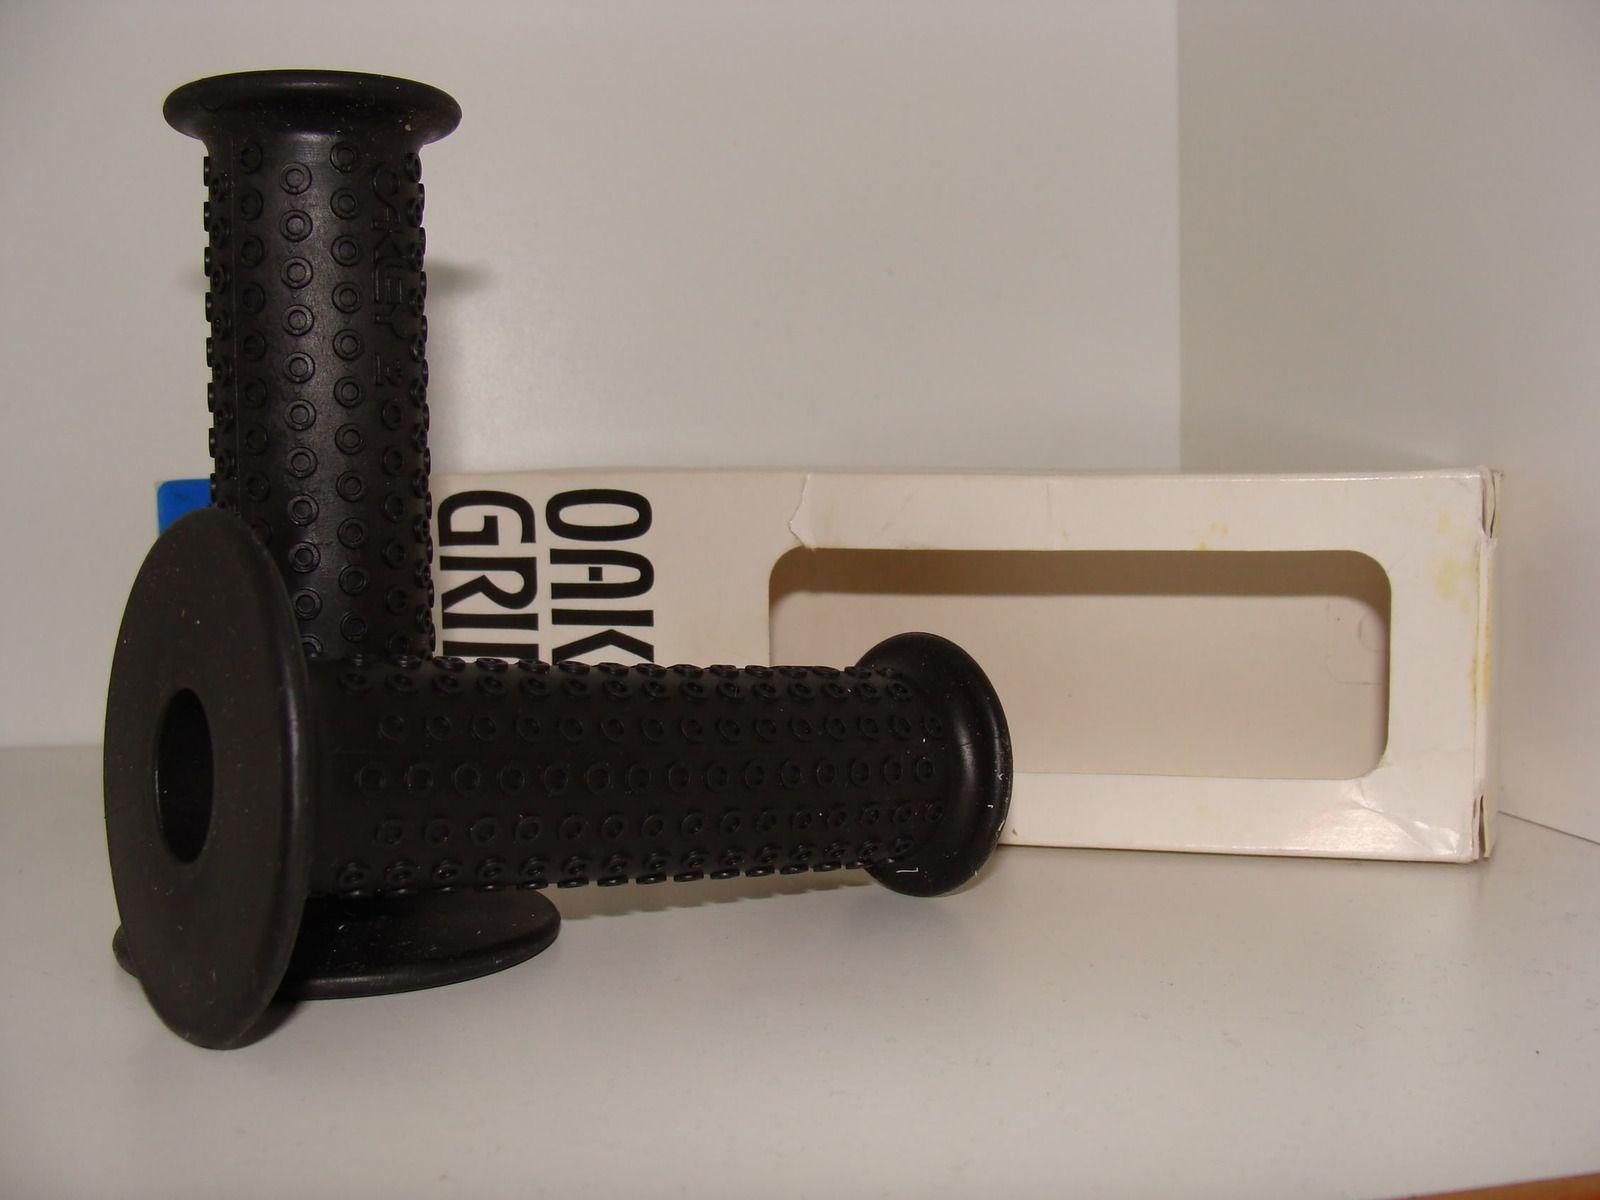 Sale: NIB Grips II - DSC03461.jpg